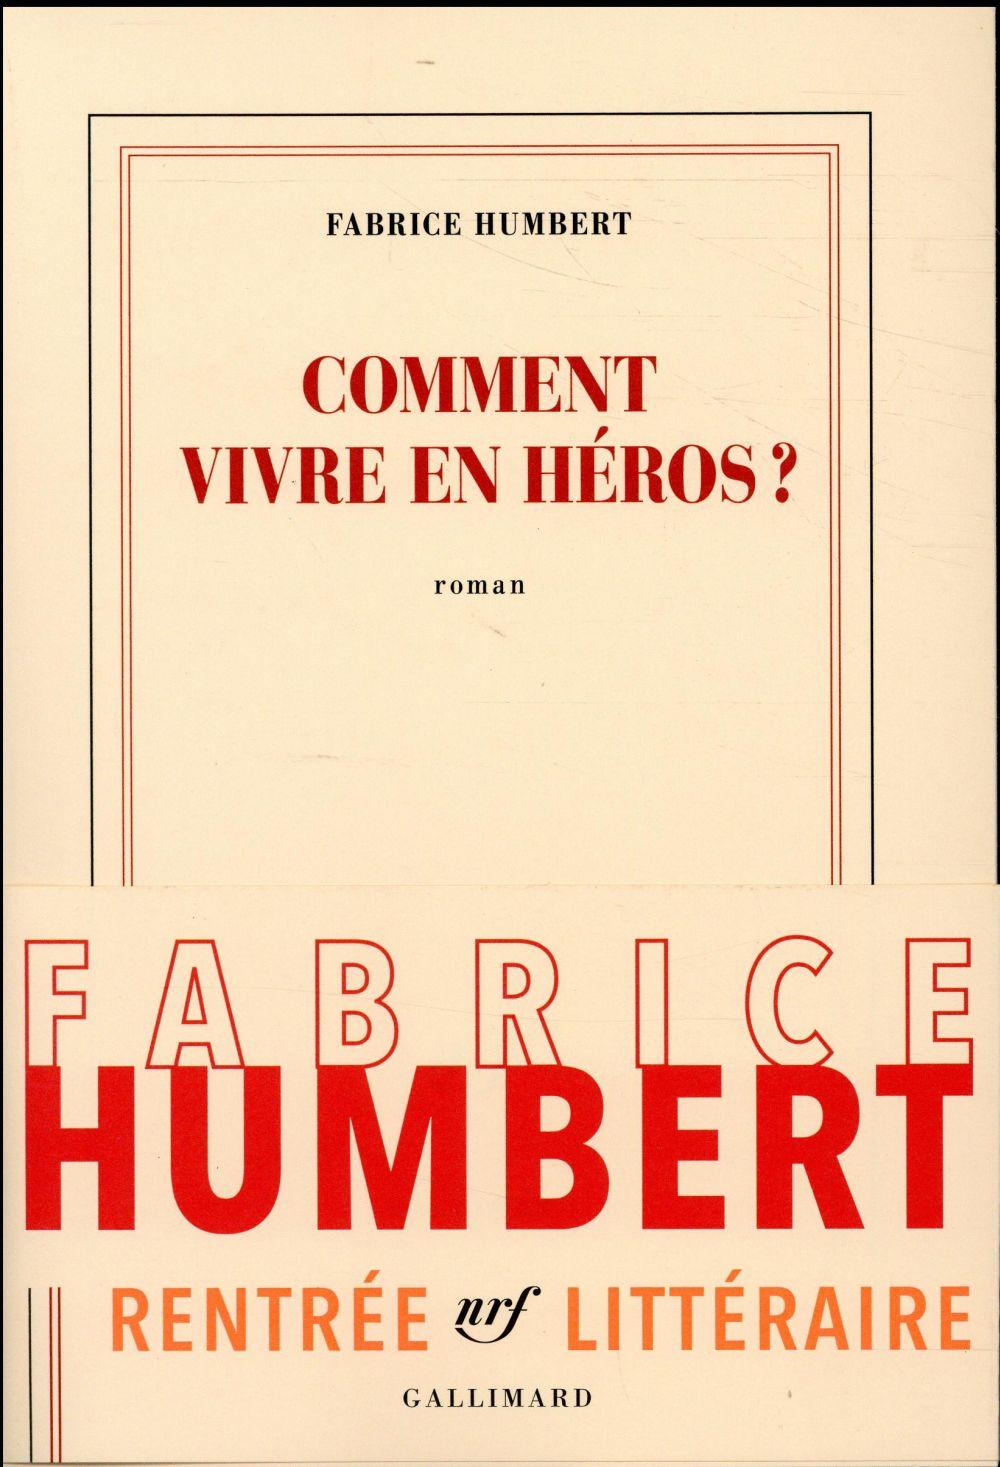 COMMENT VIVRE EN HEROS?